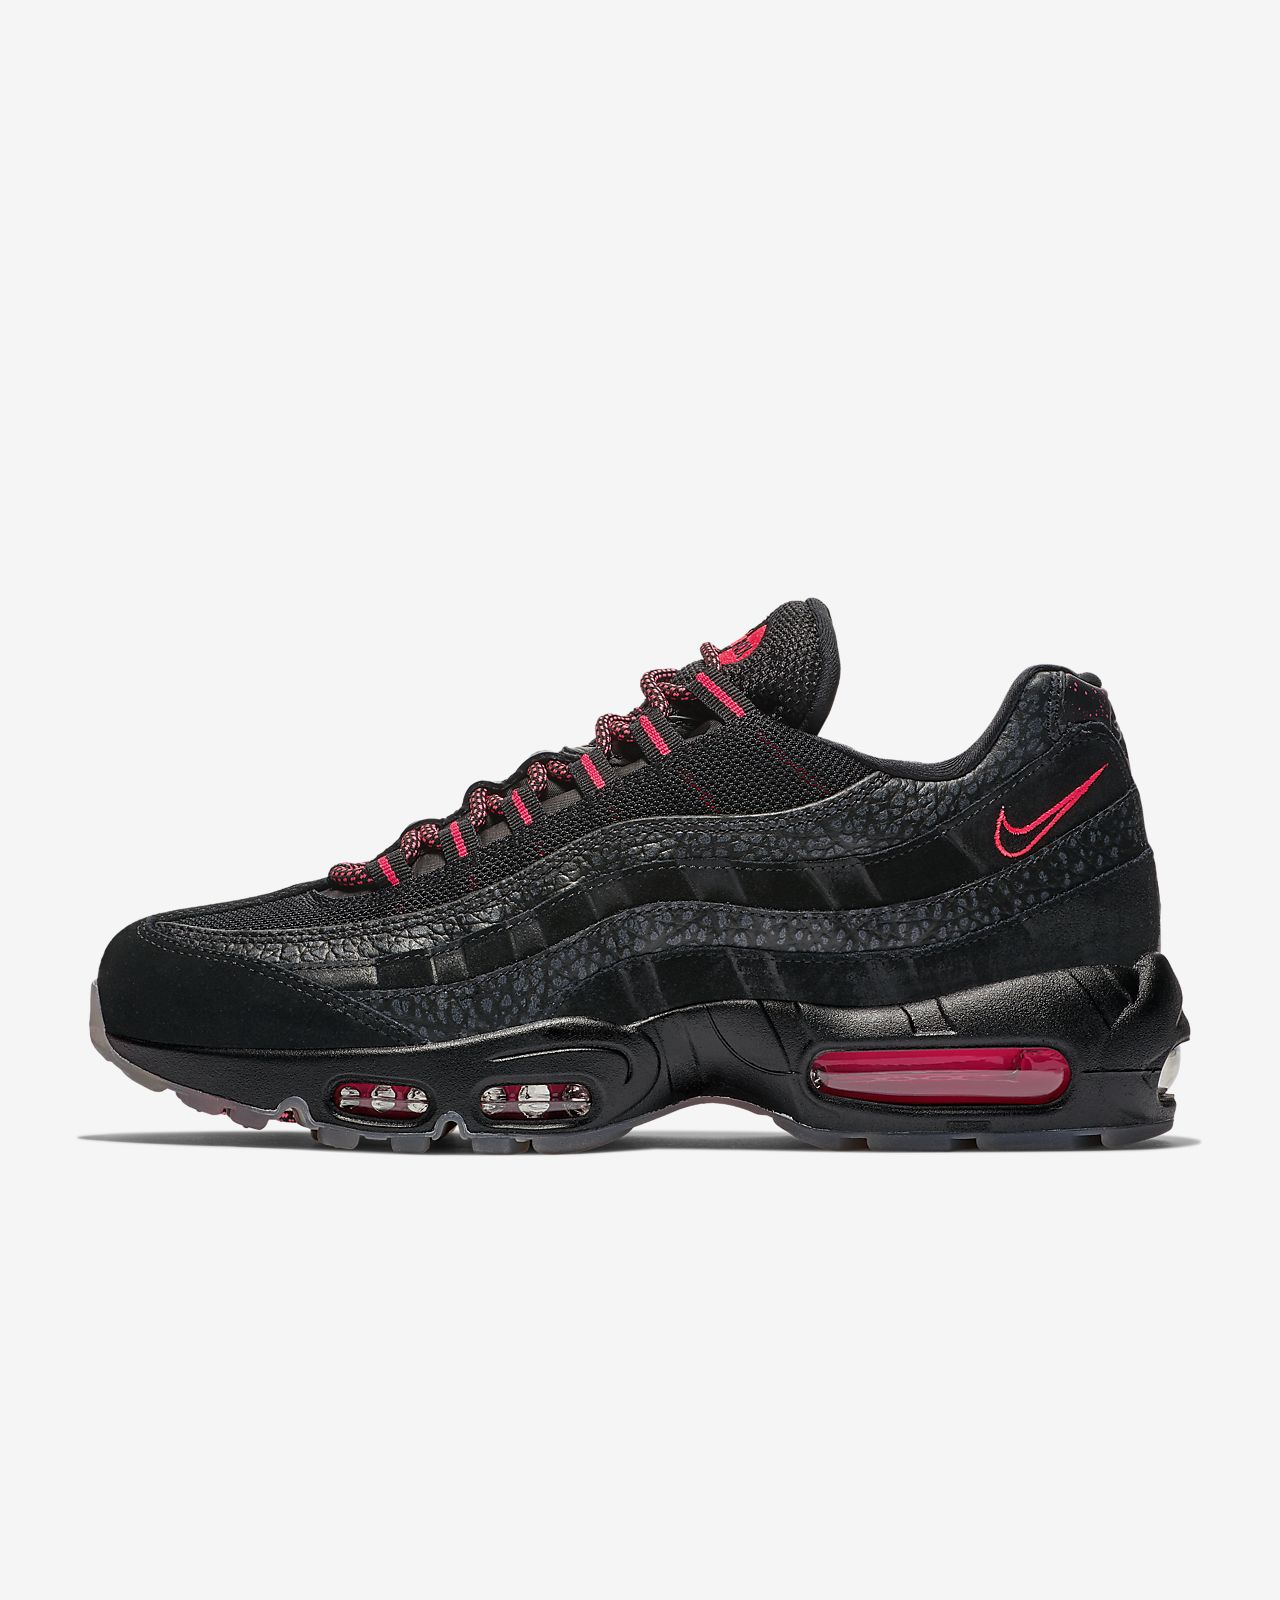 meet 88852 18e47 ... Sko Nike Air Max 95 för män